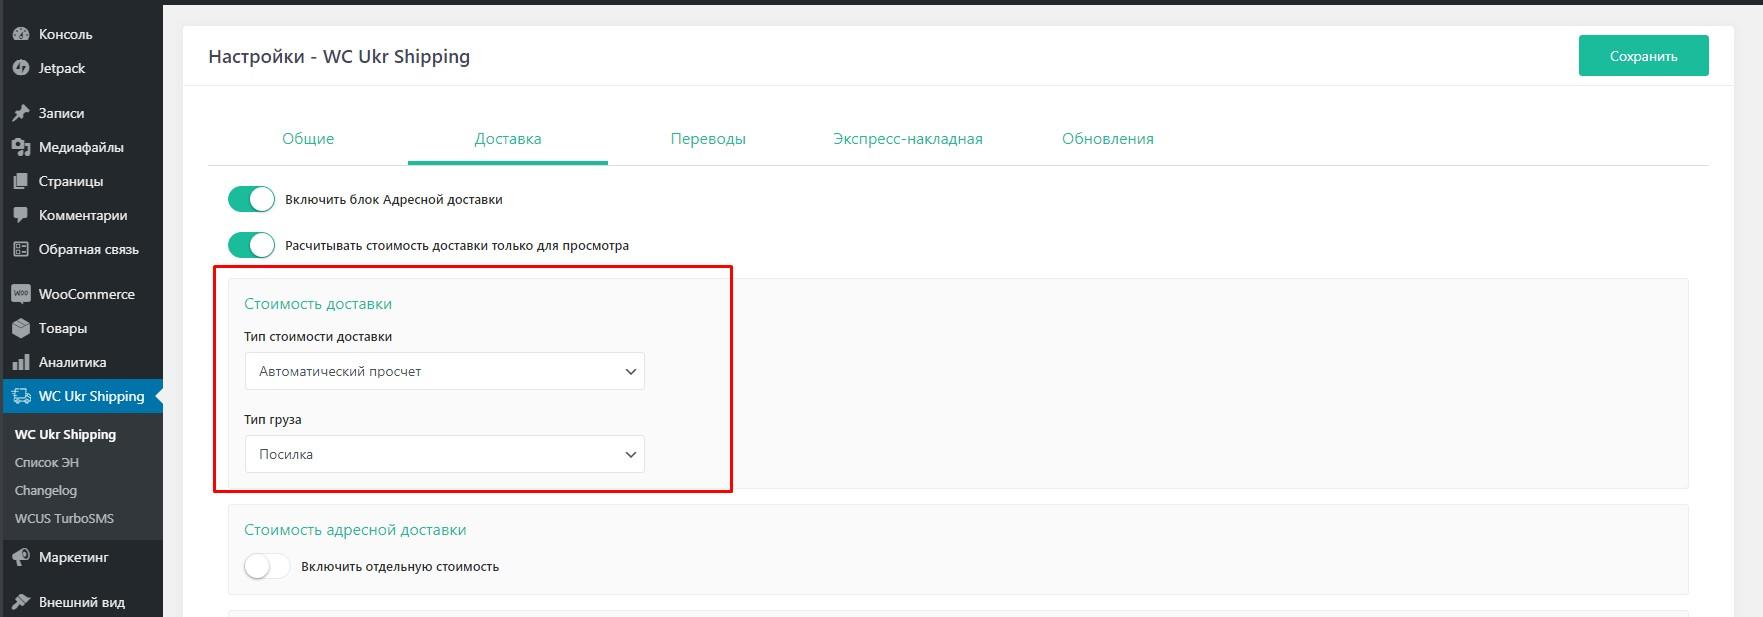 Расчет стоимости по API Новой Почты